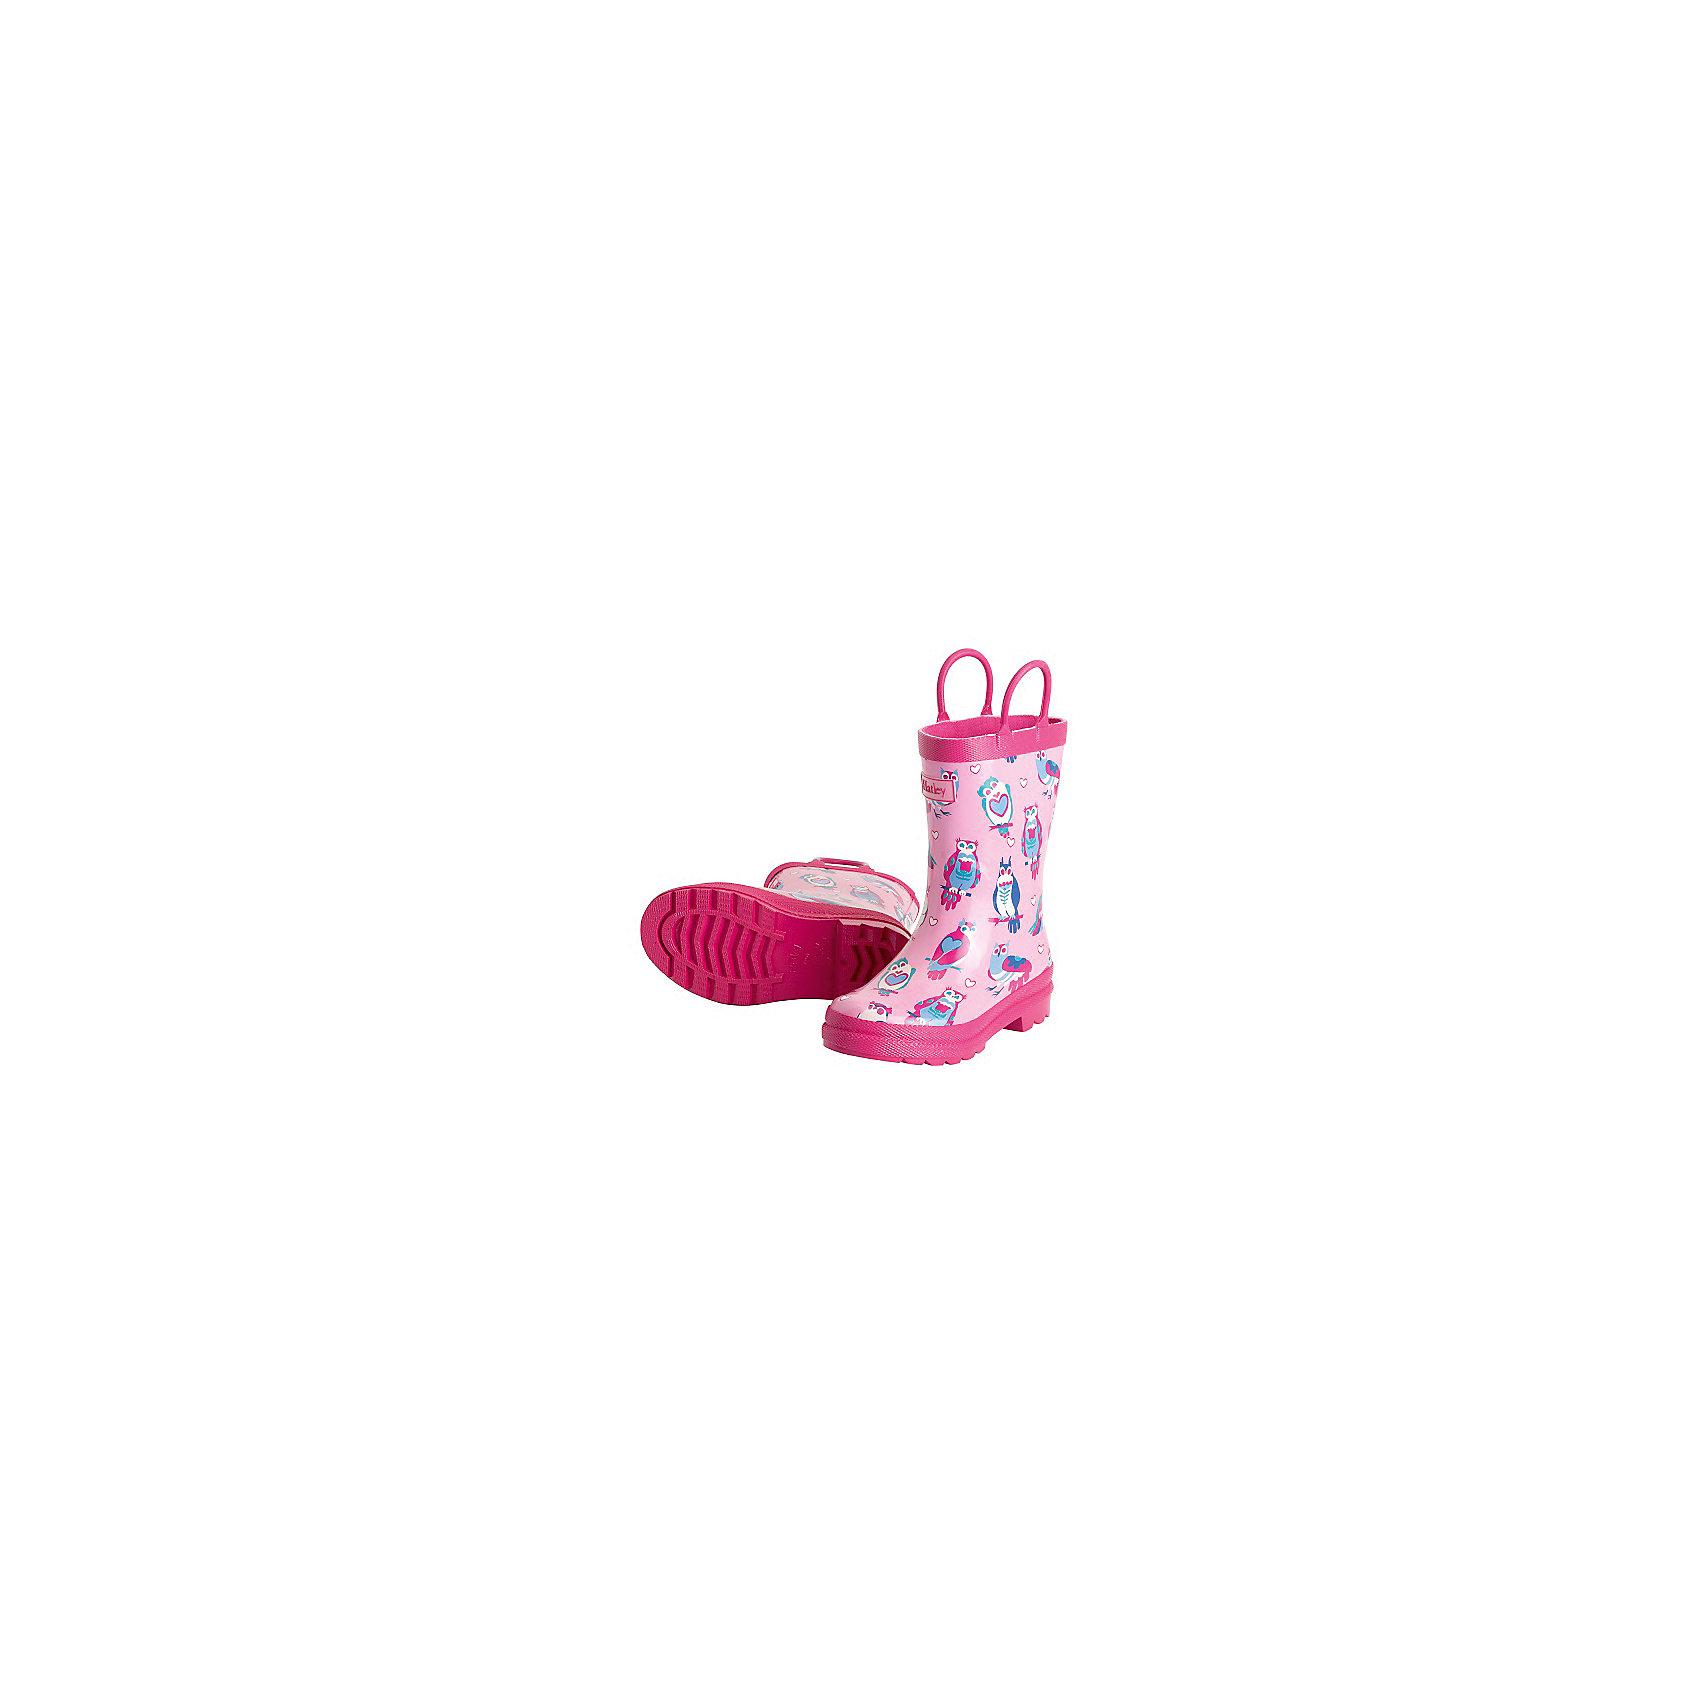 Hatley Резиновые сапоги для девочки Hatley женские сапоги ecco 351123 14 11001 01220